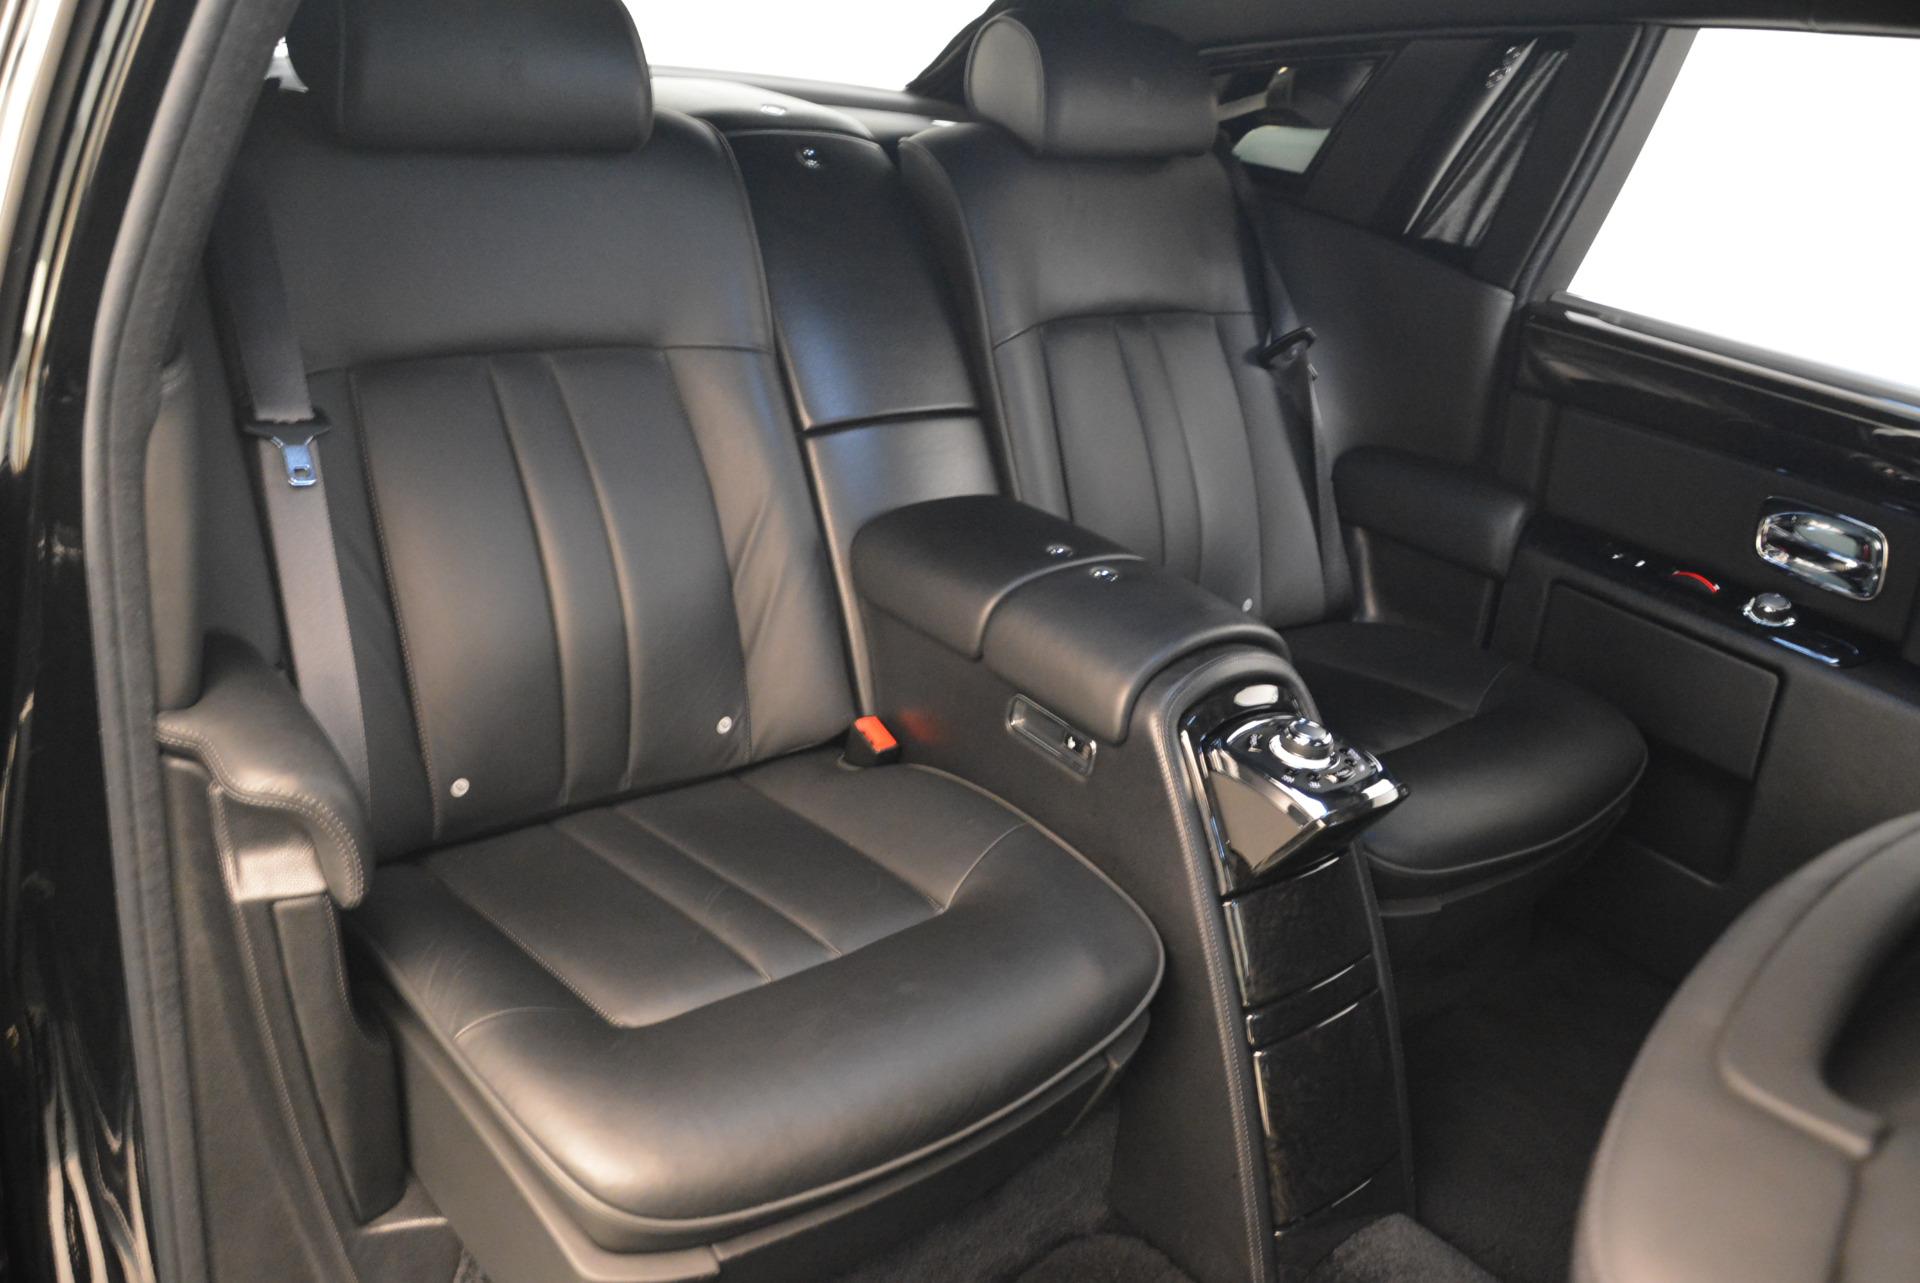 Used 2014 Rolls-Royce Phantom EWB For Sale In Westport, CT 2051_p15